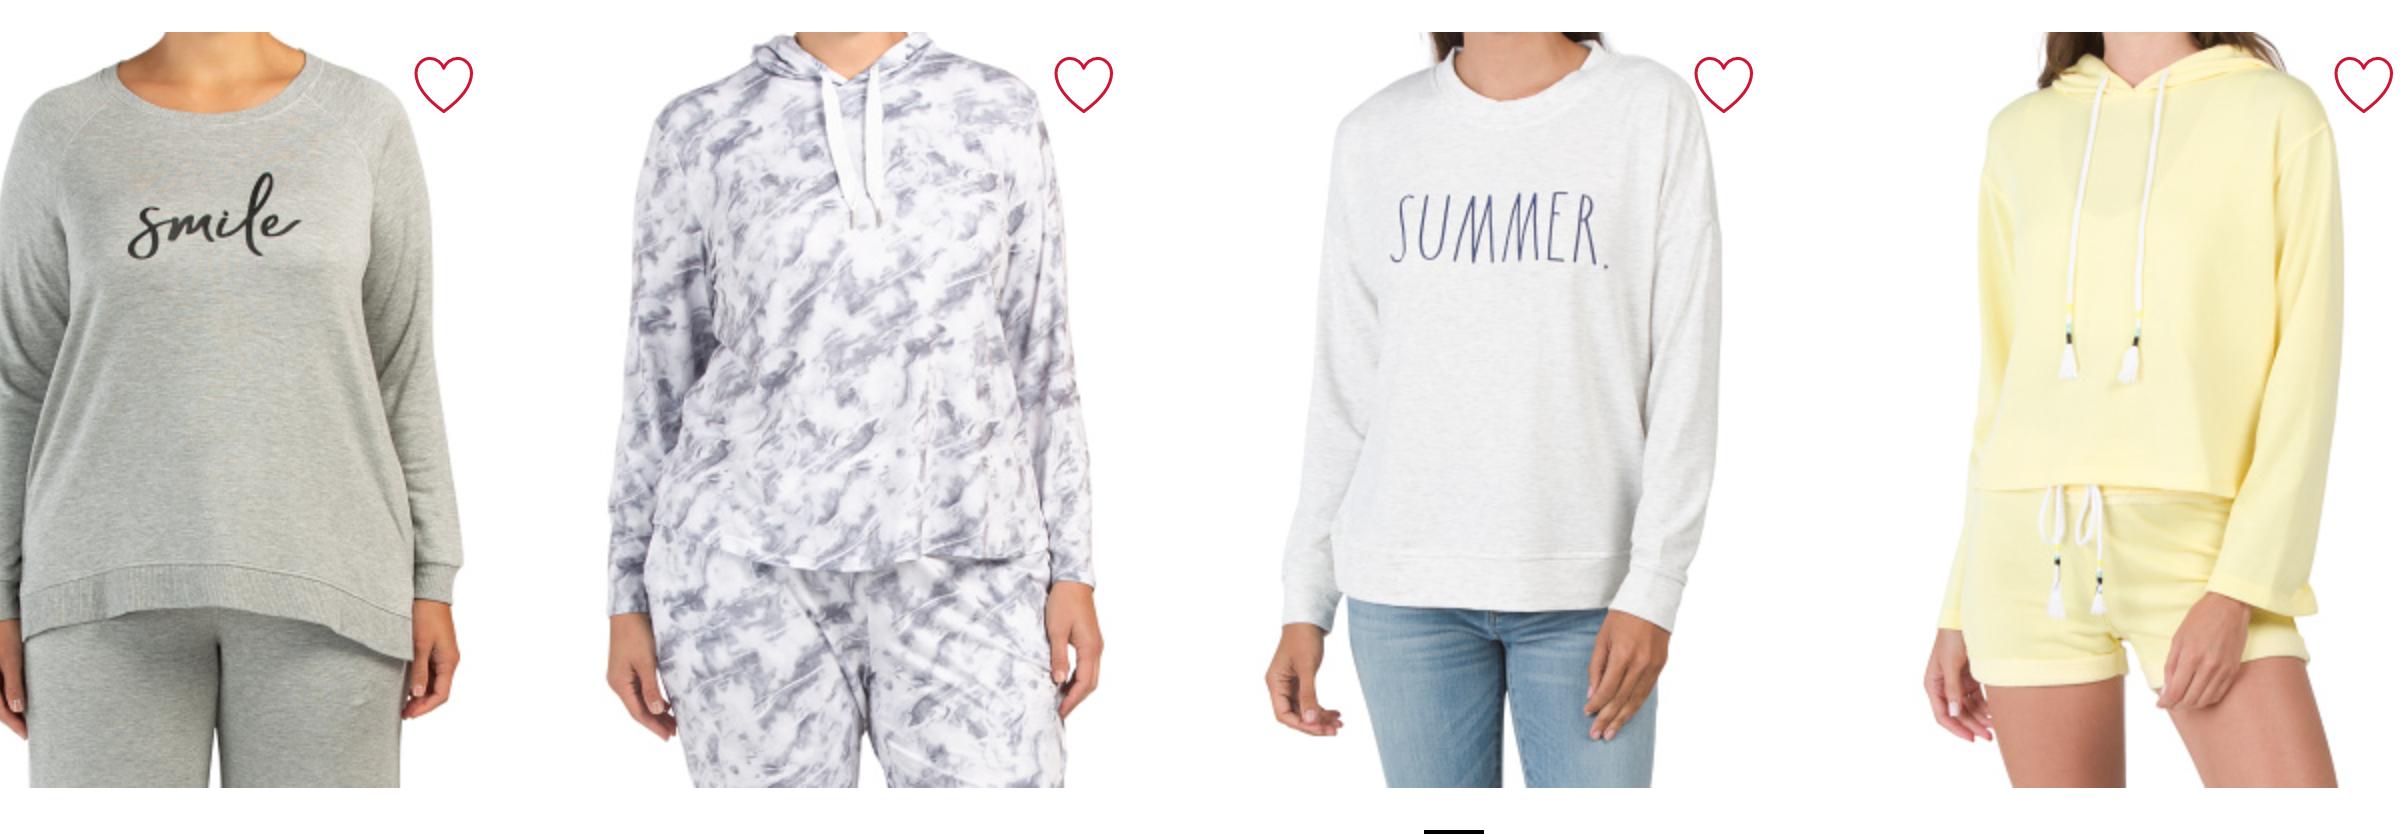 TJ Maxx hoodies for $10